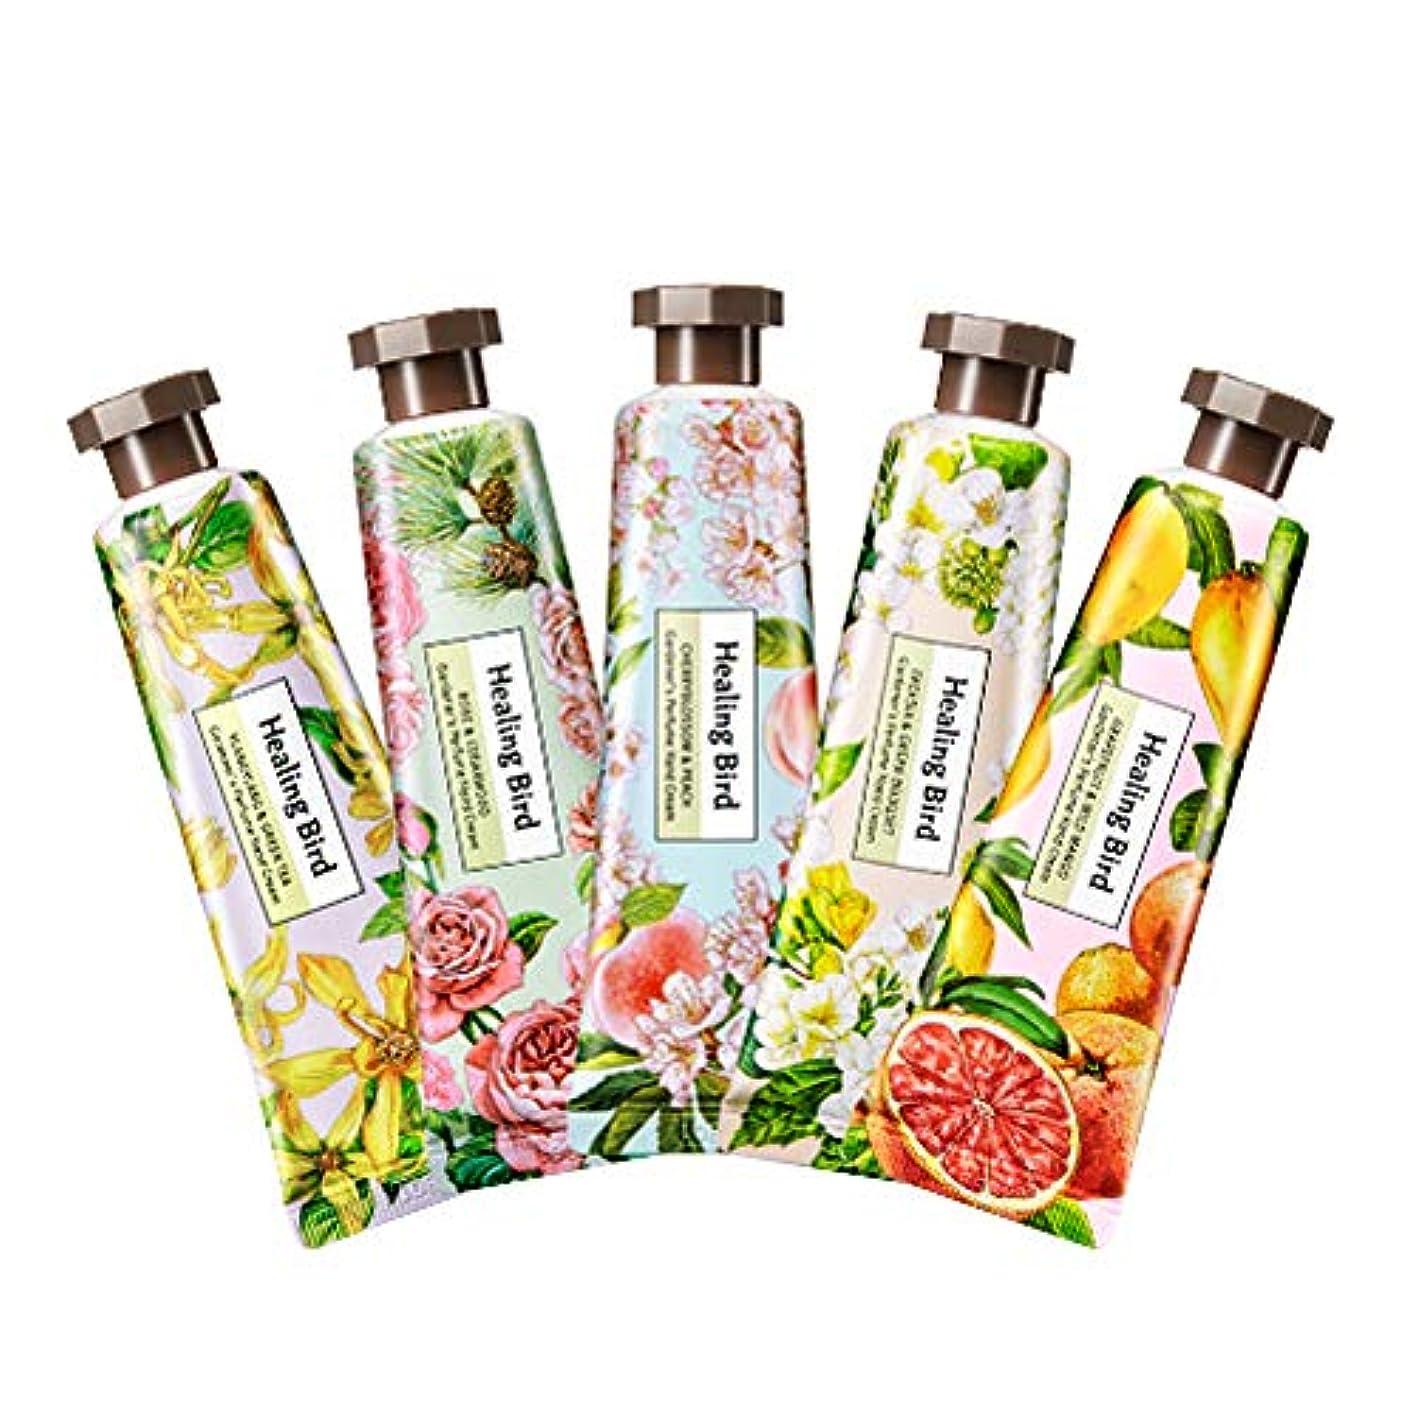 空港藤色ヒューマニスティックHealing Bird Gardener's Perfume Hand Cream 30ml ヒーリングバード カドゥノスパヒュームハンドクリーム (Fressia & Green Bouquet) [並行輸入品]